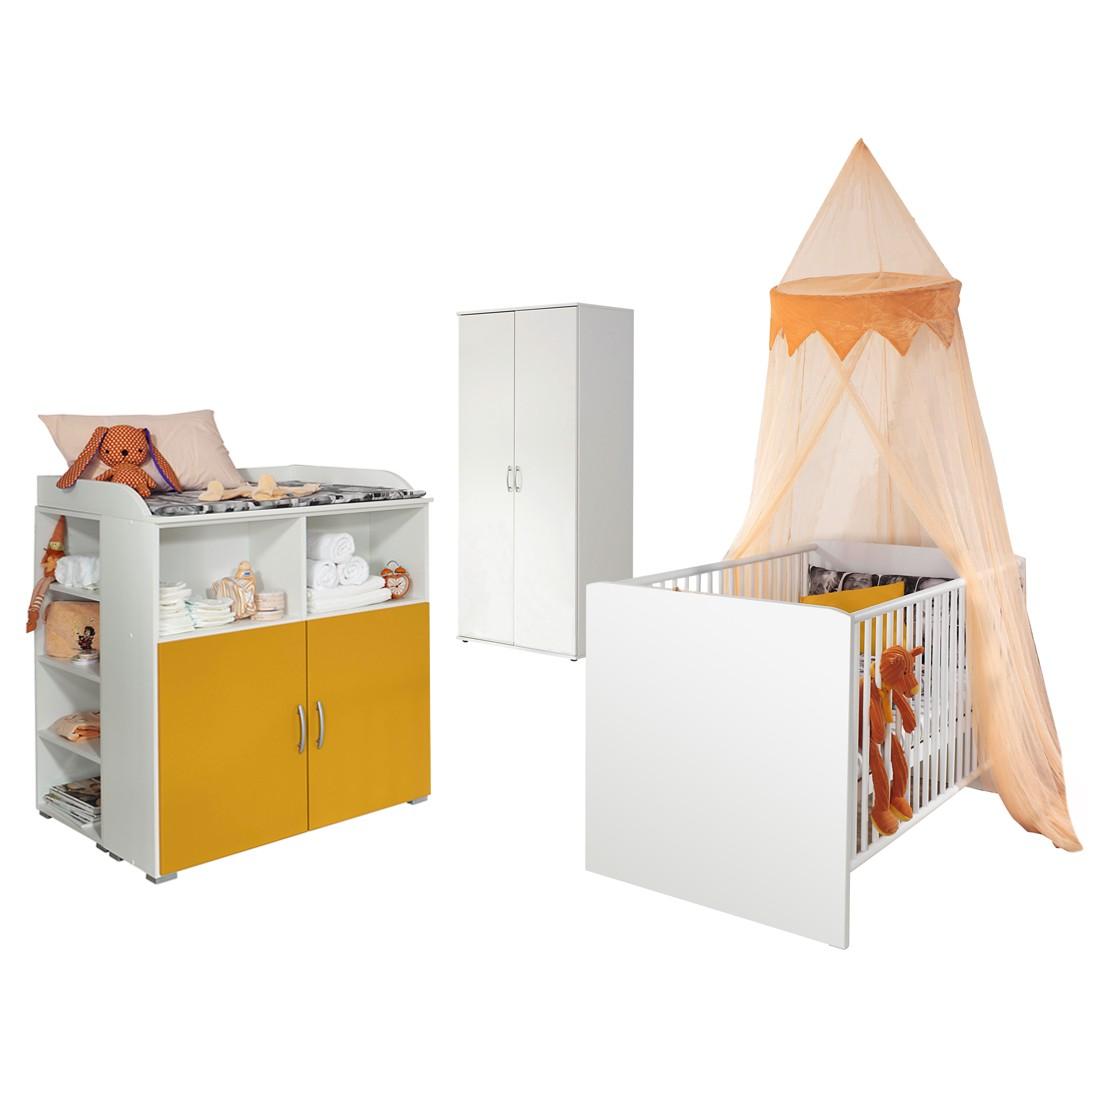 Babyzimmerkombination Daniele (3-tlg.) – Weiß / Gelb, Rauch Pack´s bestellen